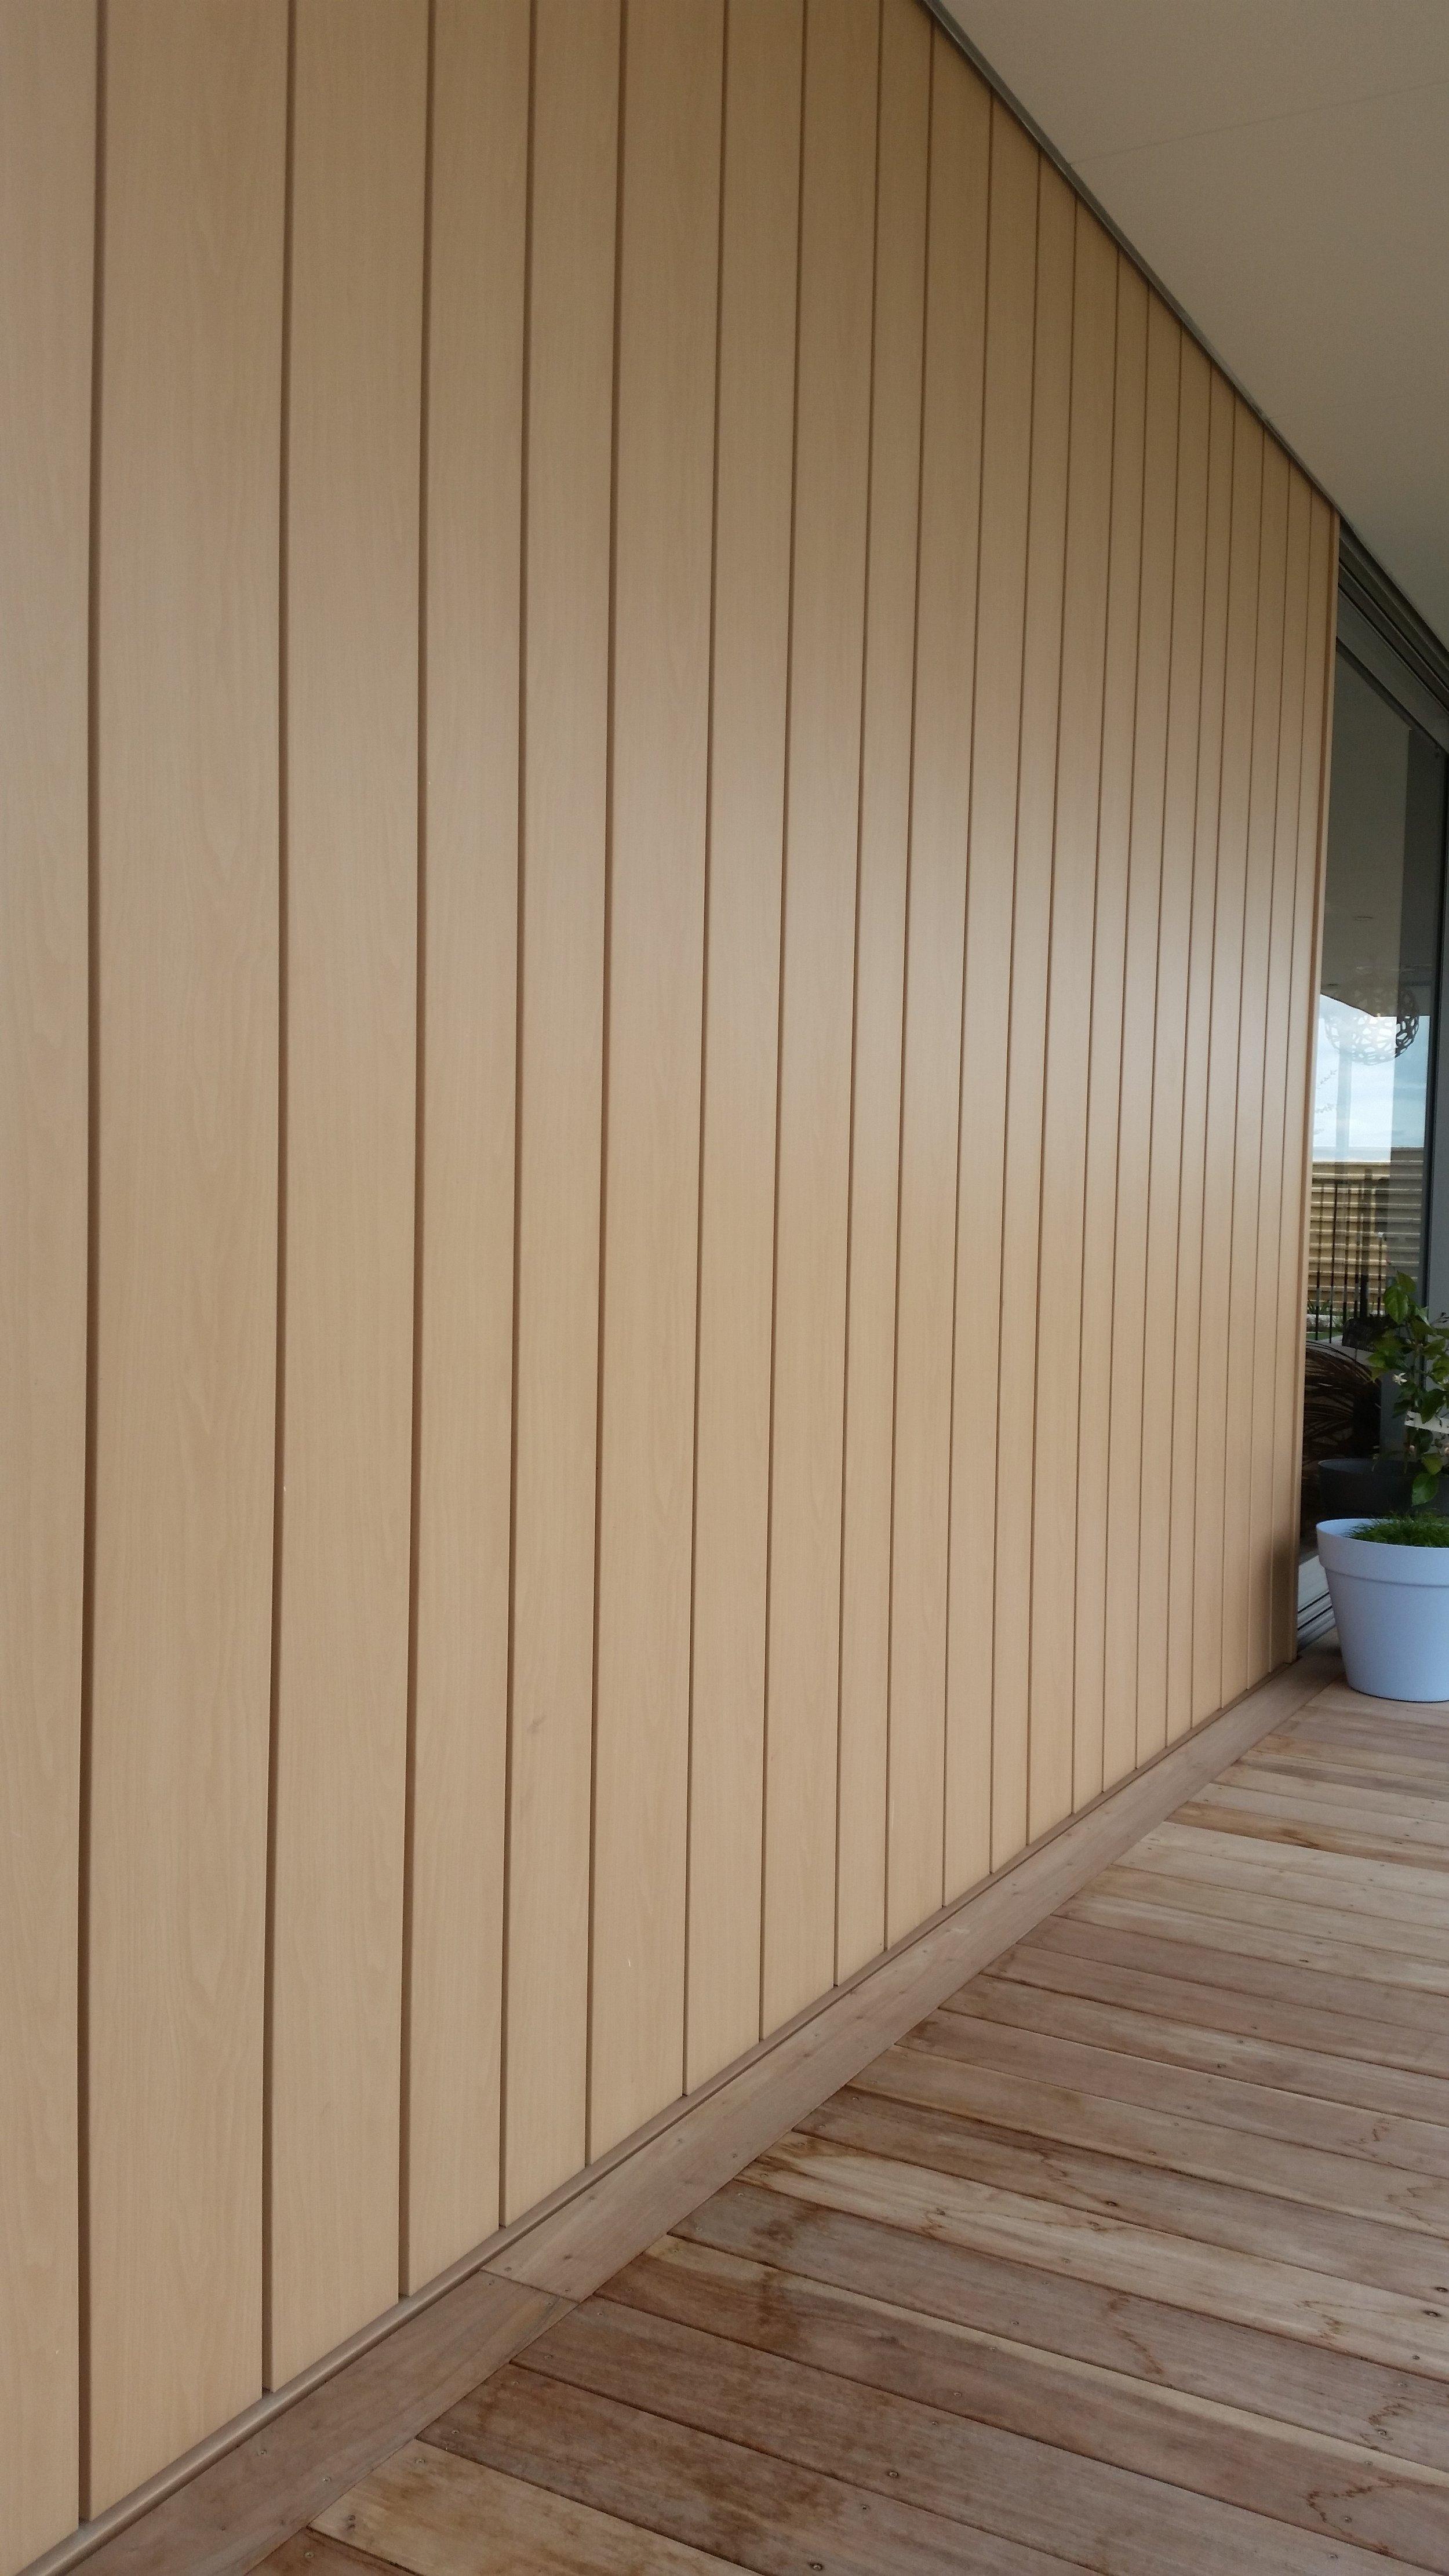 The-Roofing-Store-Steel-Metal-Interlocking-Panel-Lux-Light-Wood-8.jpg.jpg